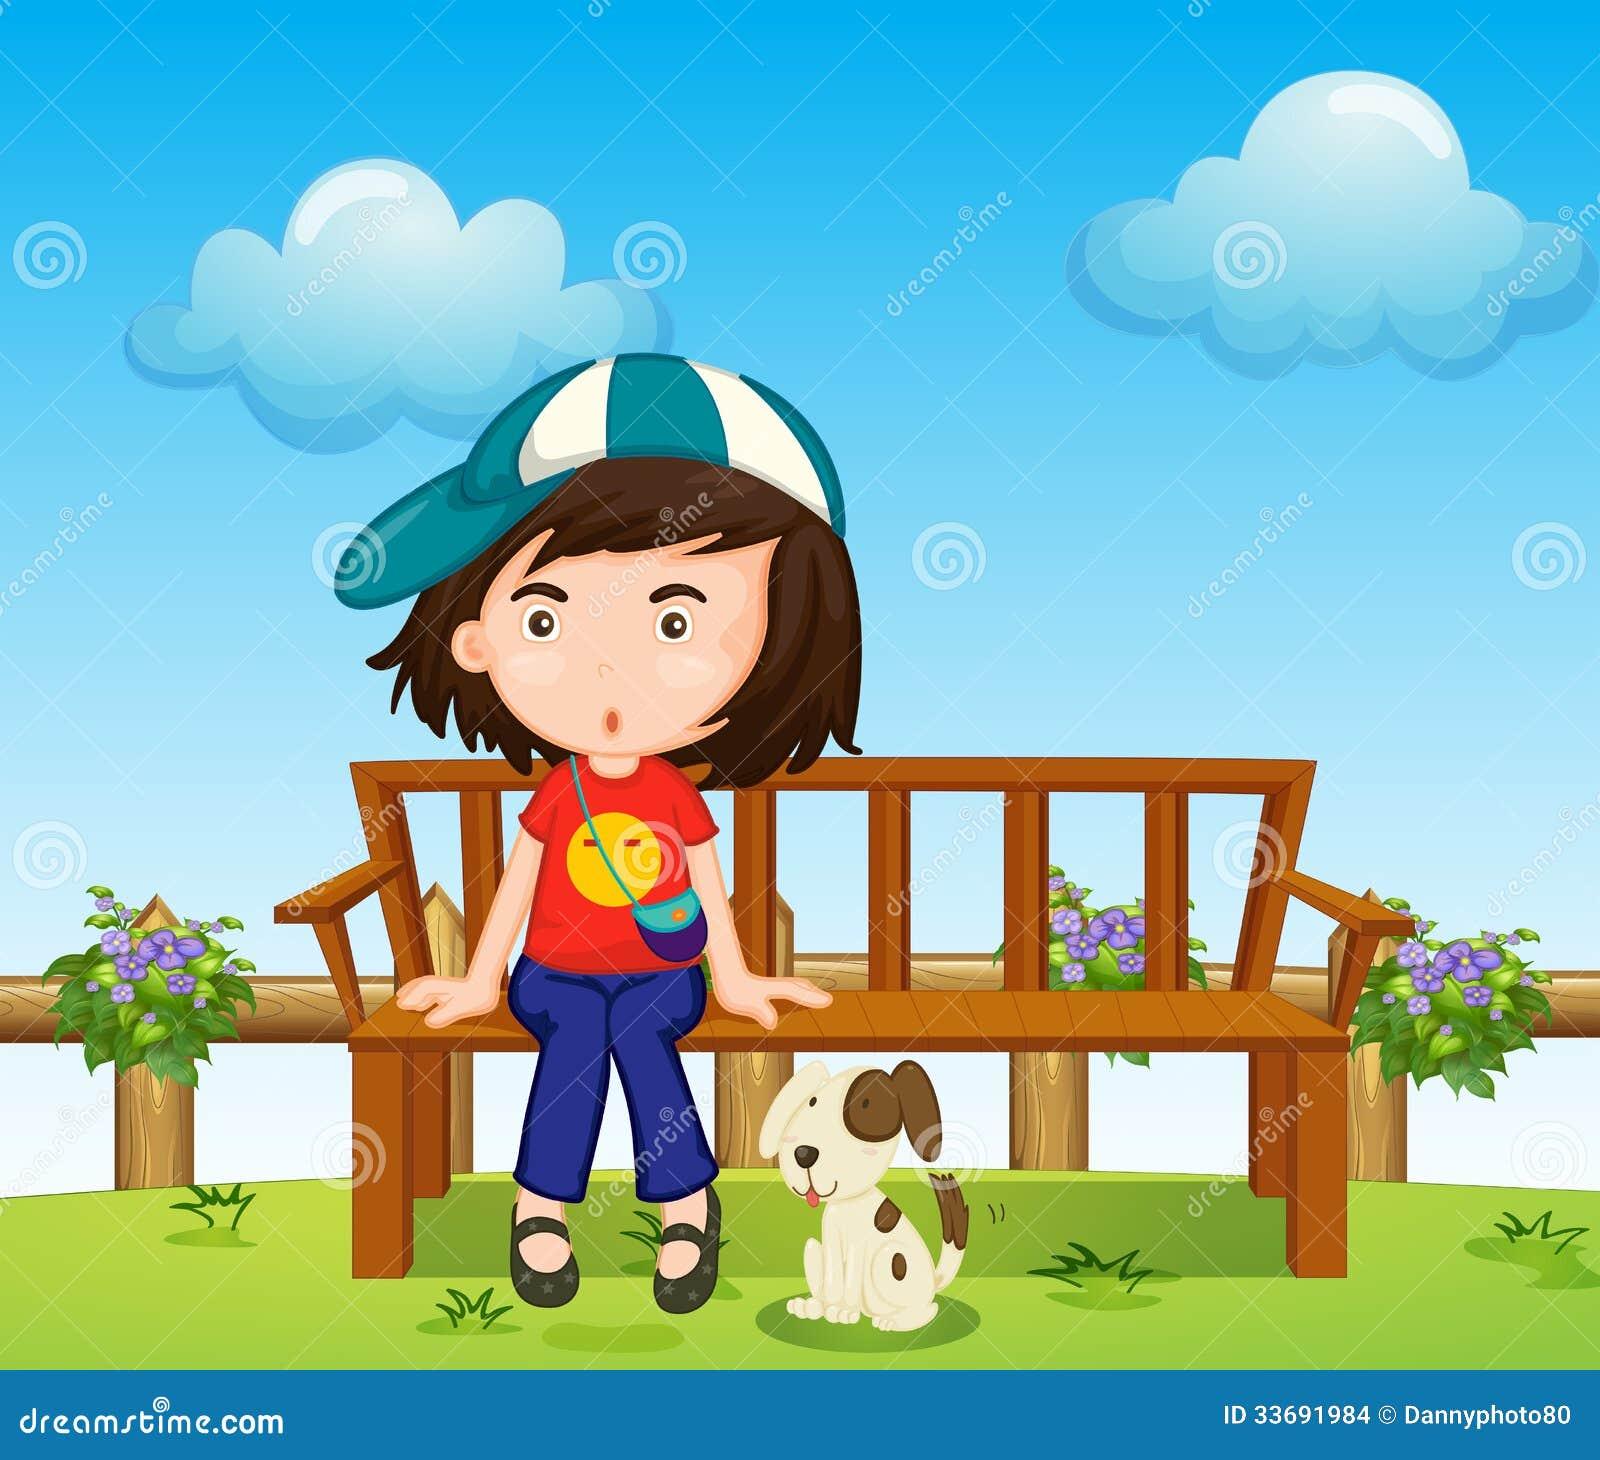 一个女孩和她的宠物的例证在公园.图片